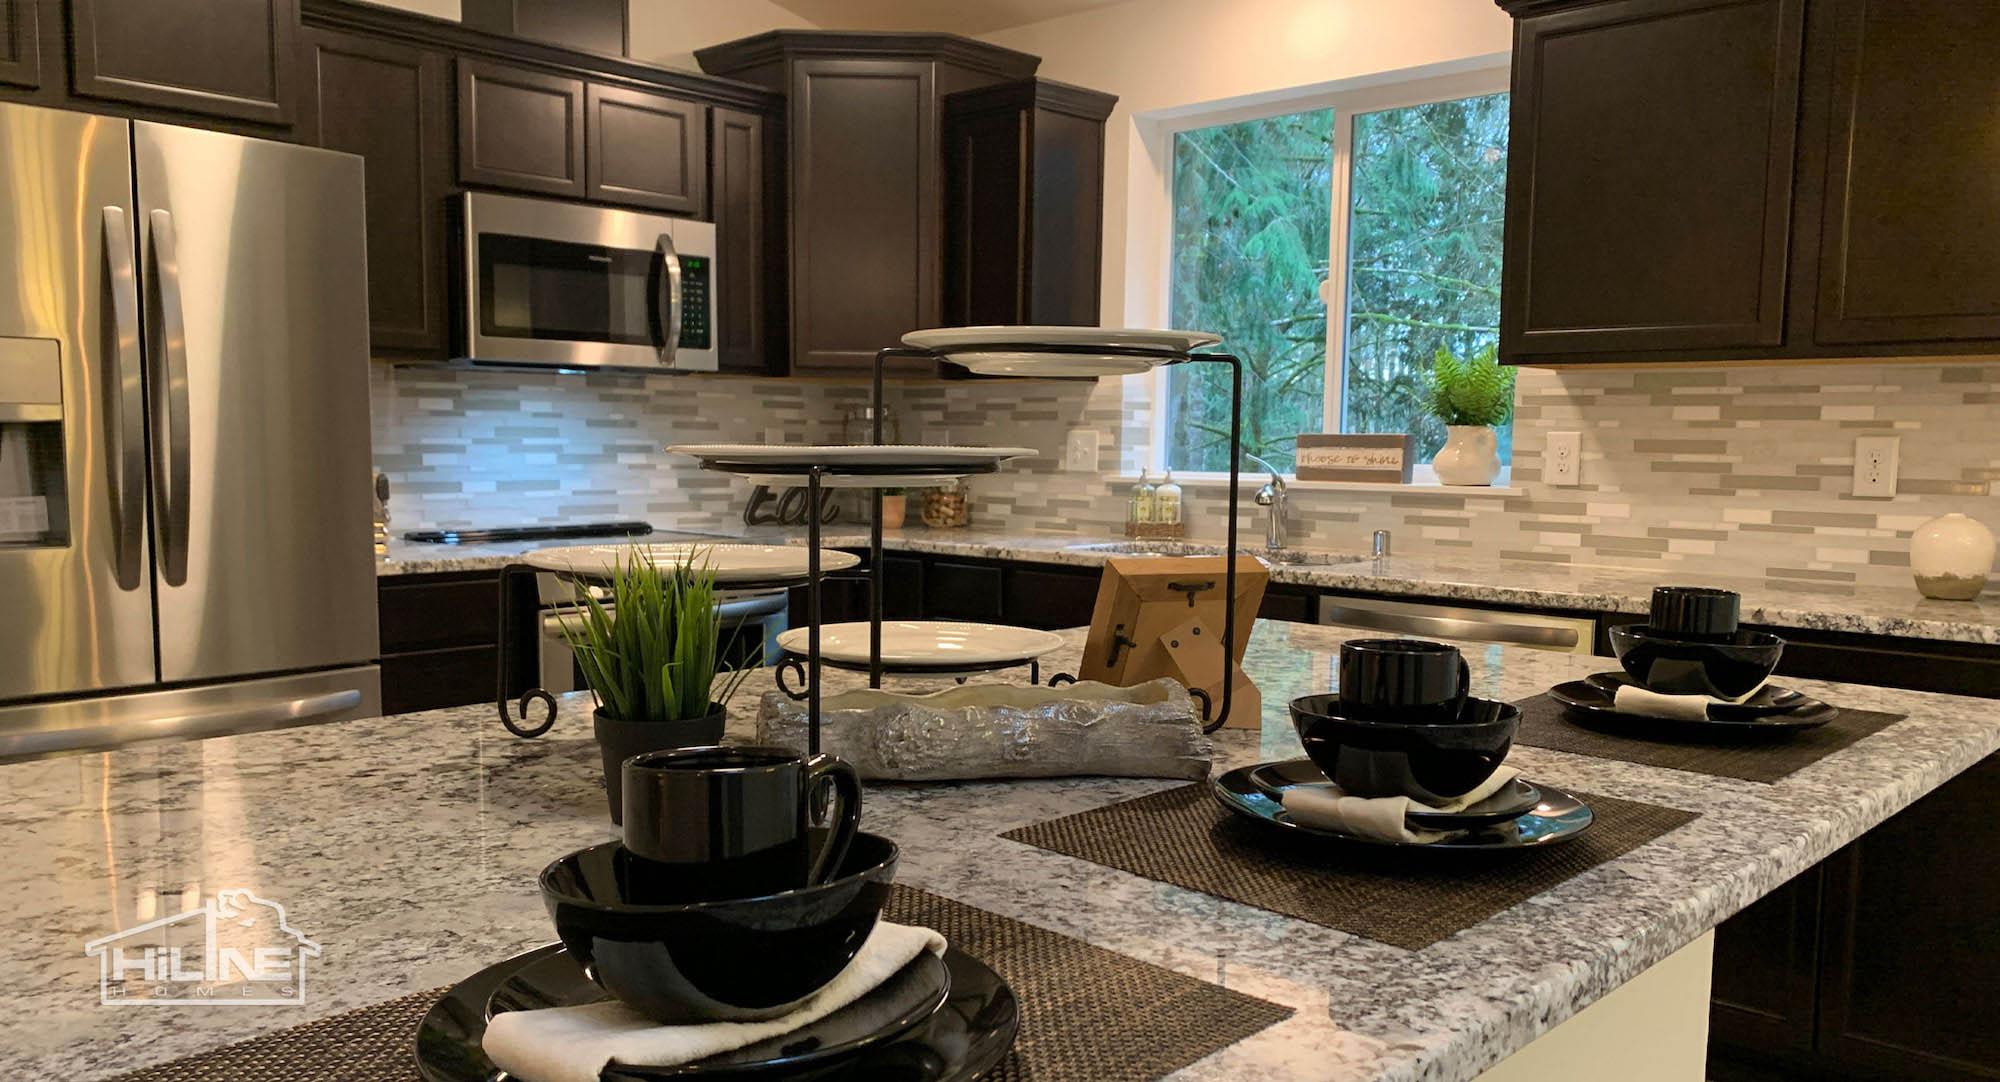 HiLine Home Plan 1491 Kitchen